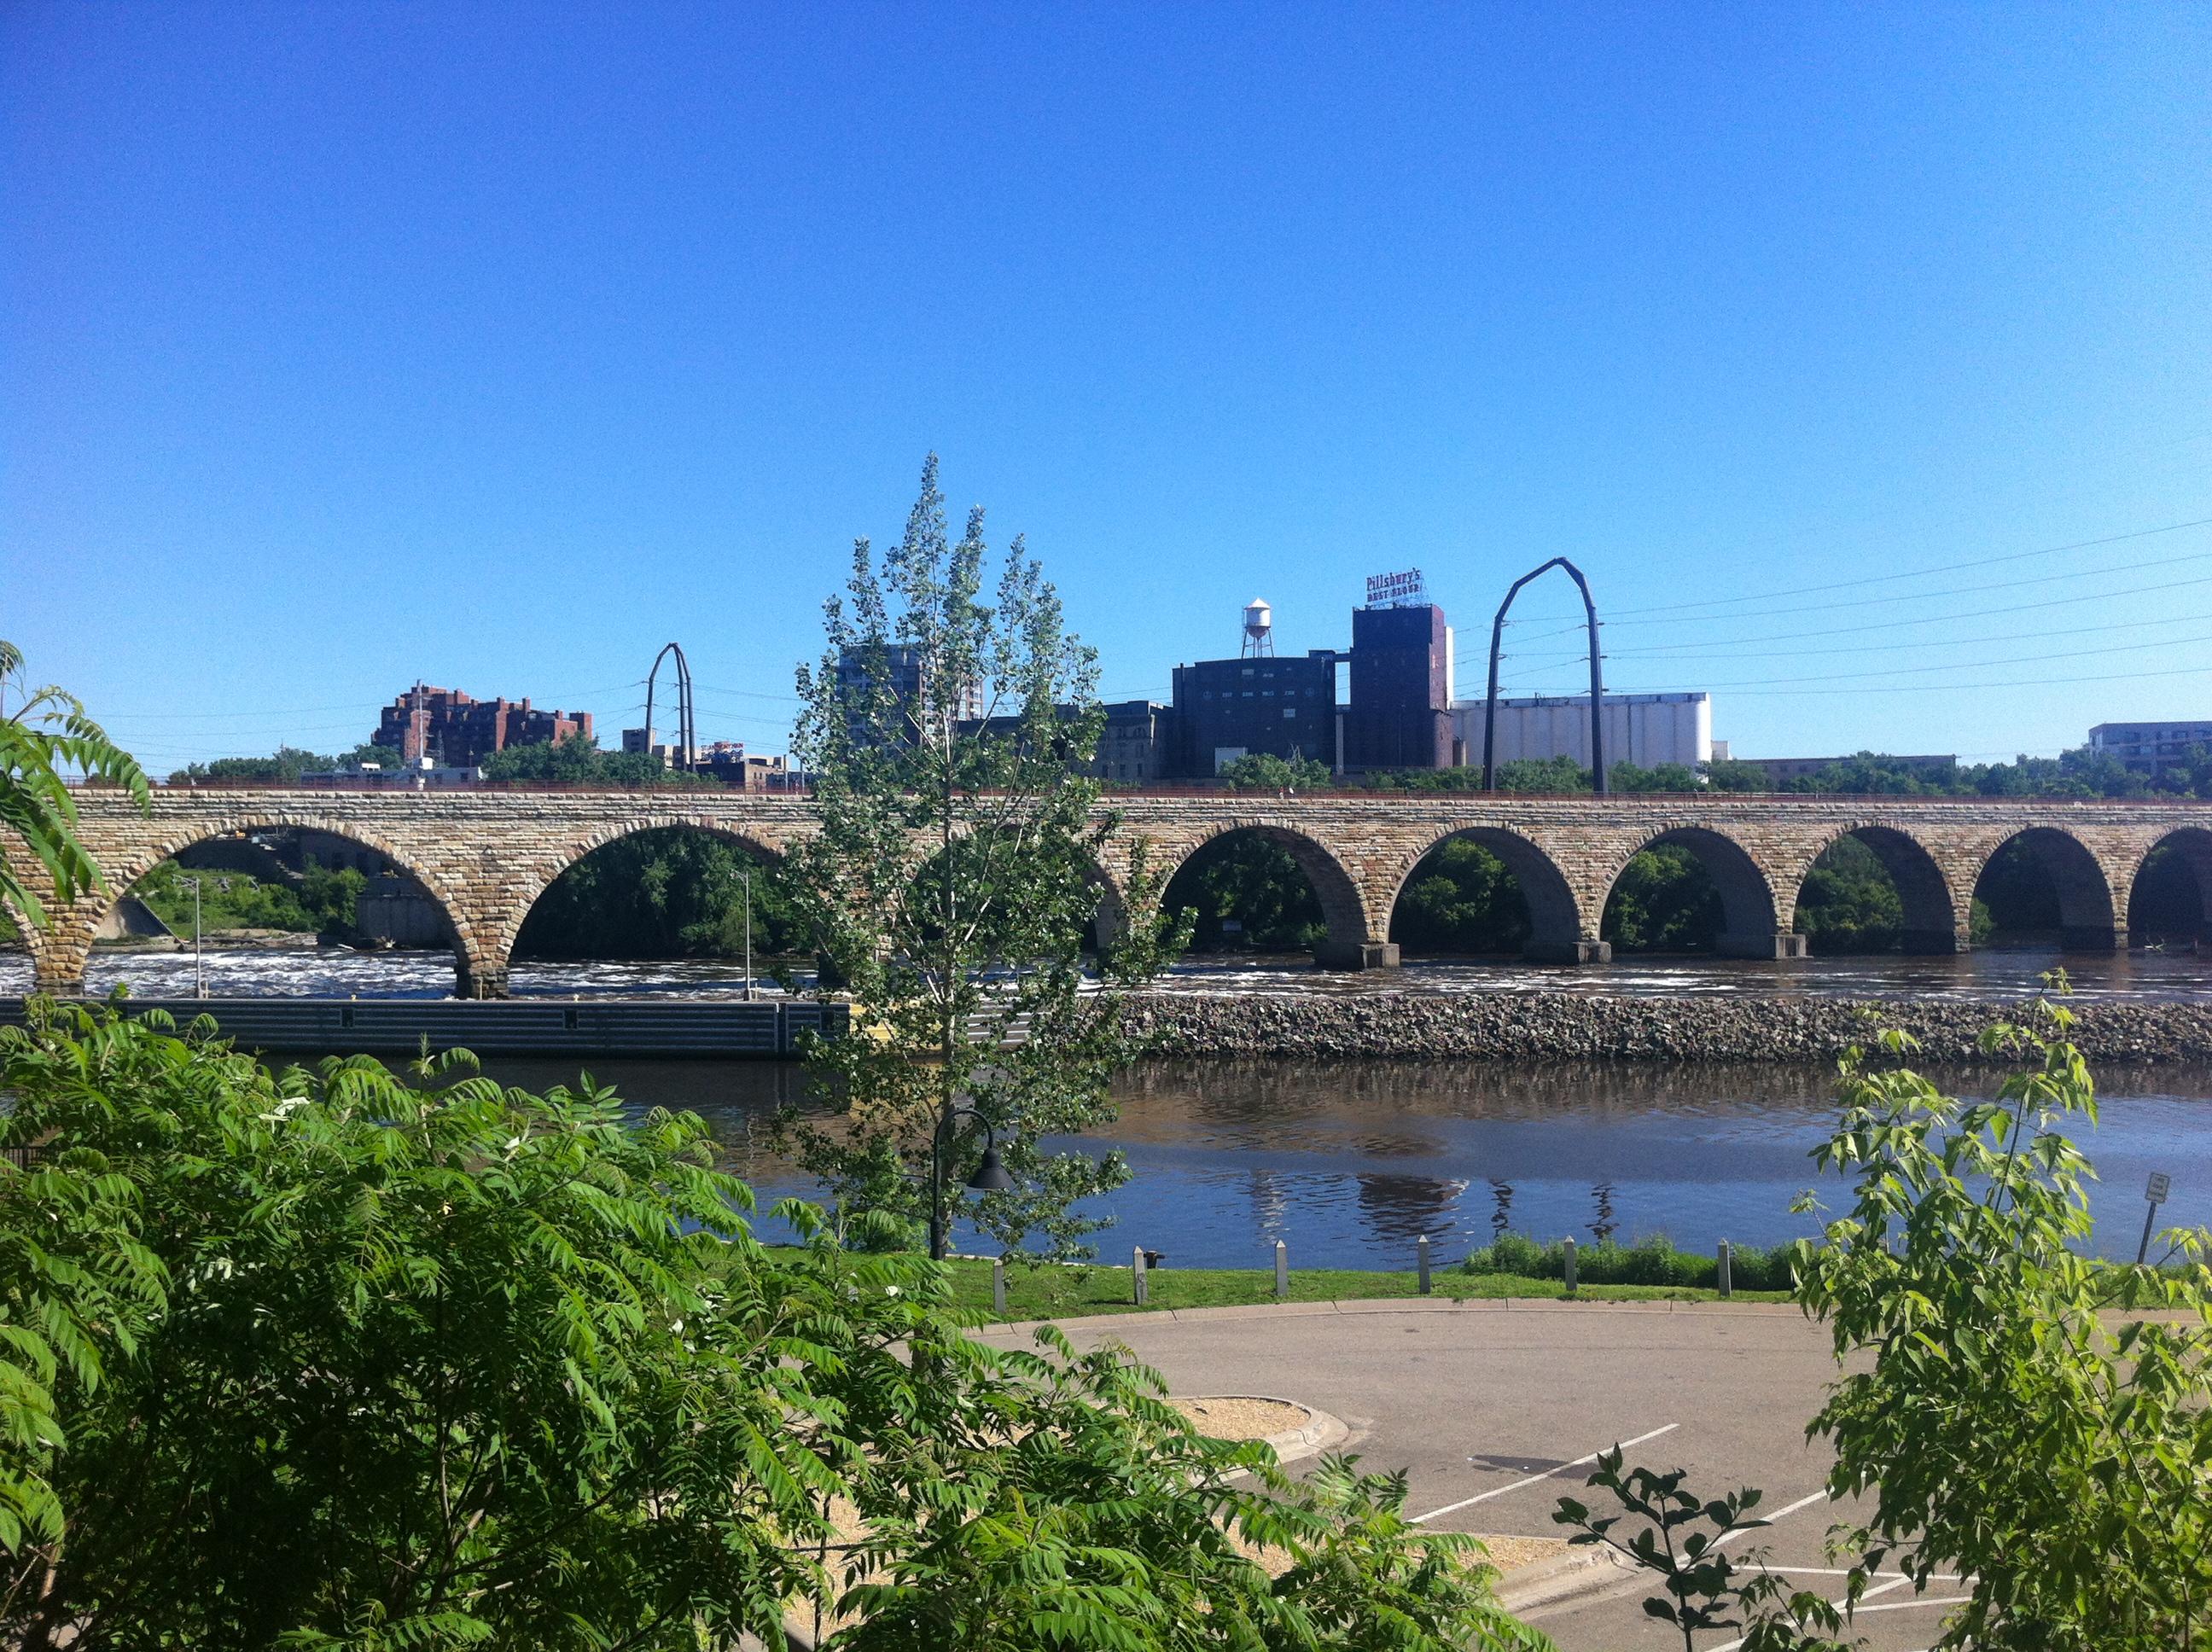 Stone Arch Bridge Design Getting LOST in...